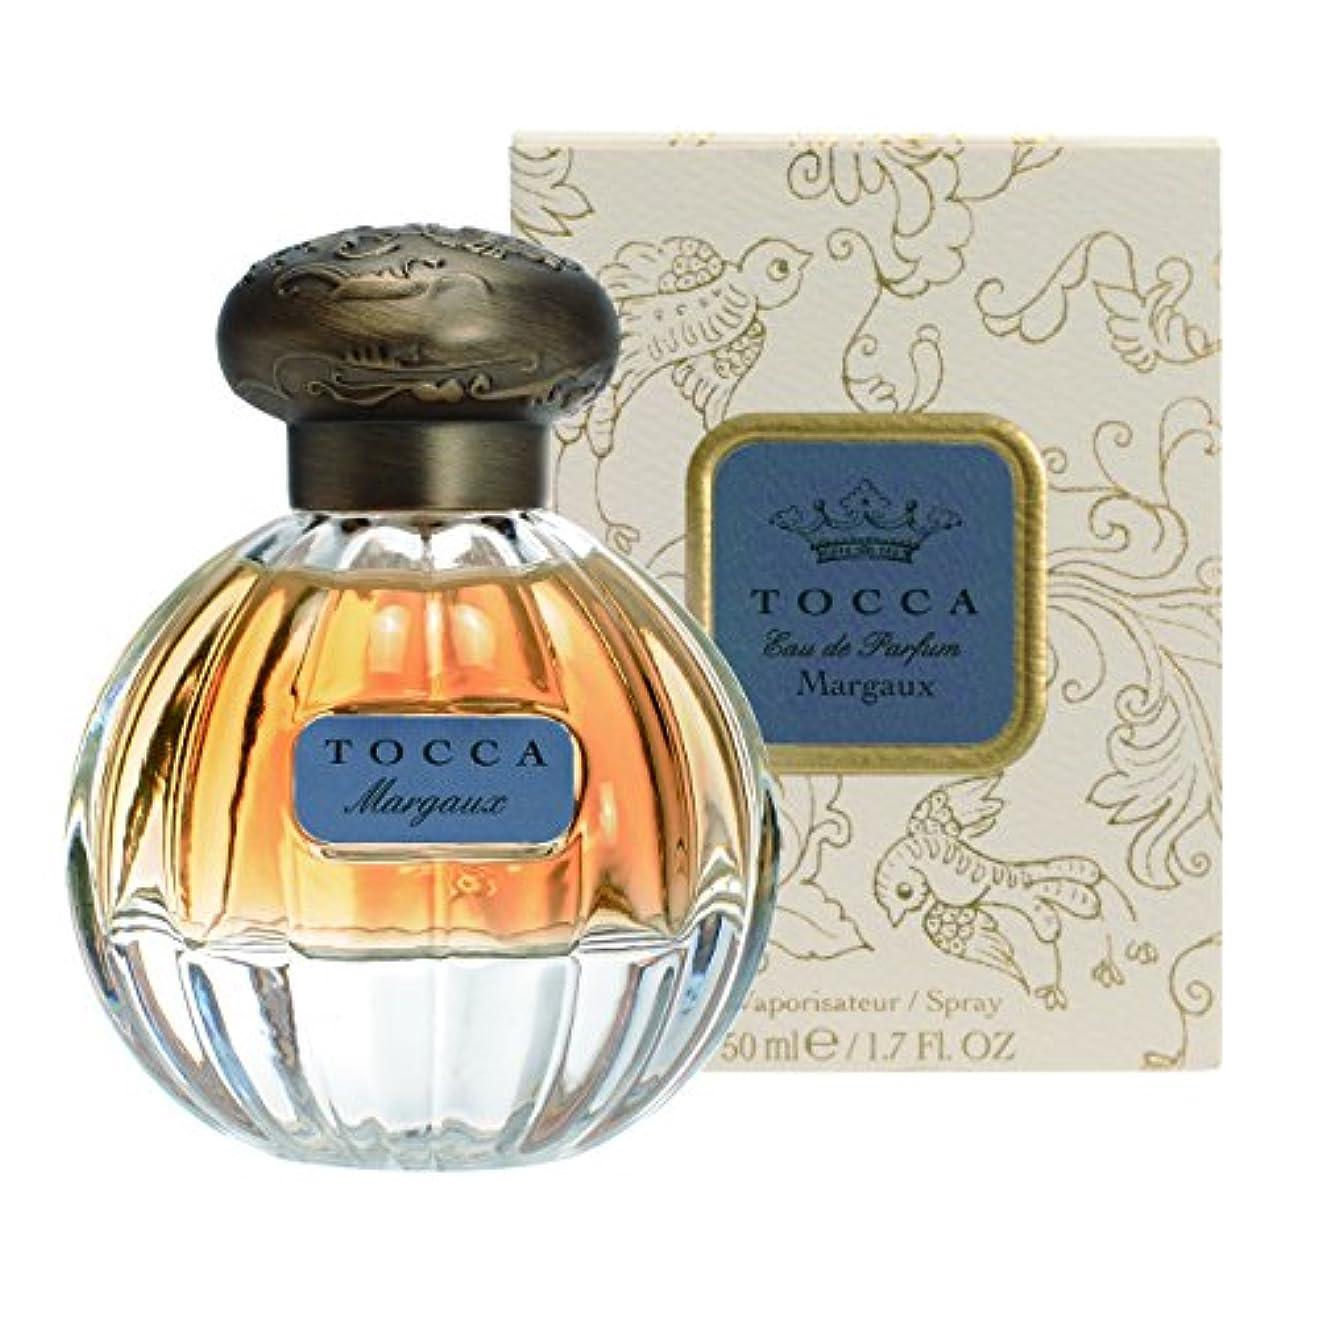 リベラル樹皮支給トッカ(TOCCA) オードパルファム マルゴーの香り 50ml(香水 永遠の愛を思わせるフローラルとカシミヤウッド、ムスクの甘い温かみにバニラのアクセントが加わった香り)